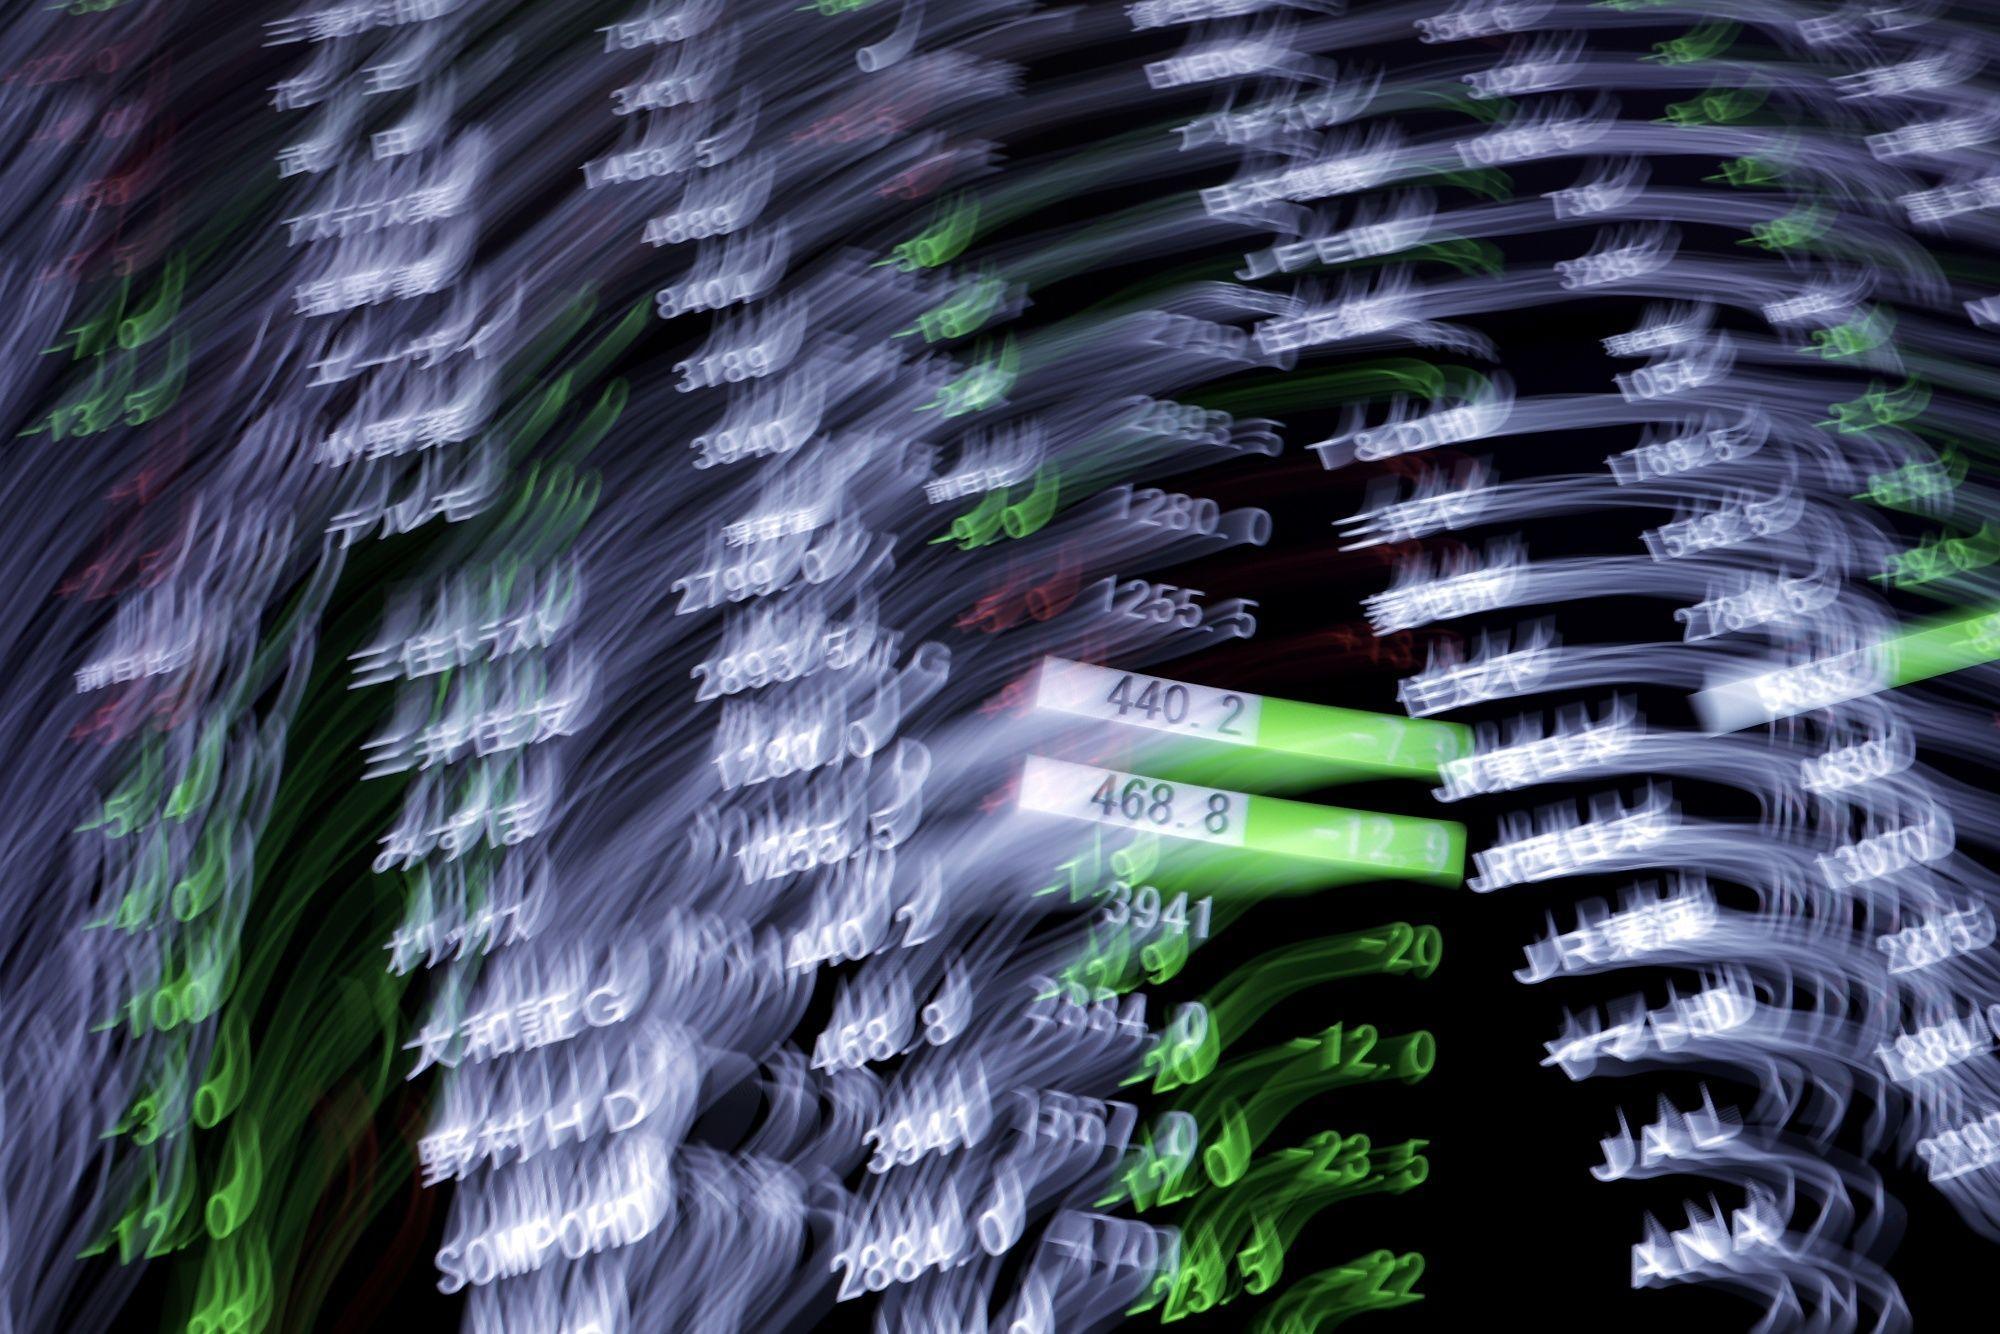 Amerikaanse aandelen herstellen weer naarmate de waarde weer stijgt: markten wikkelen zich in